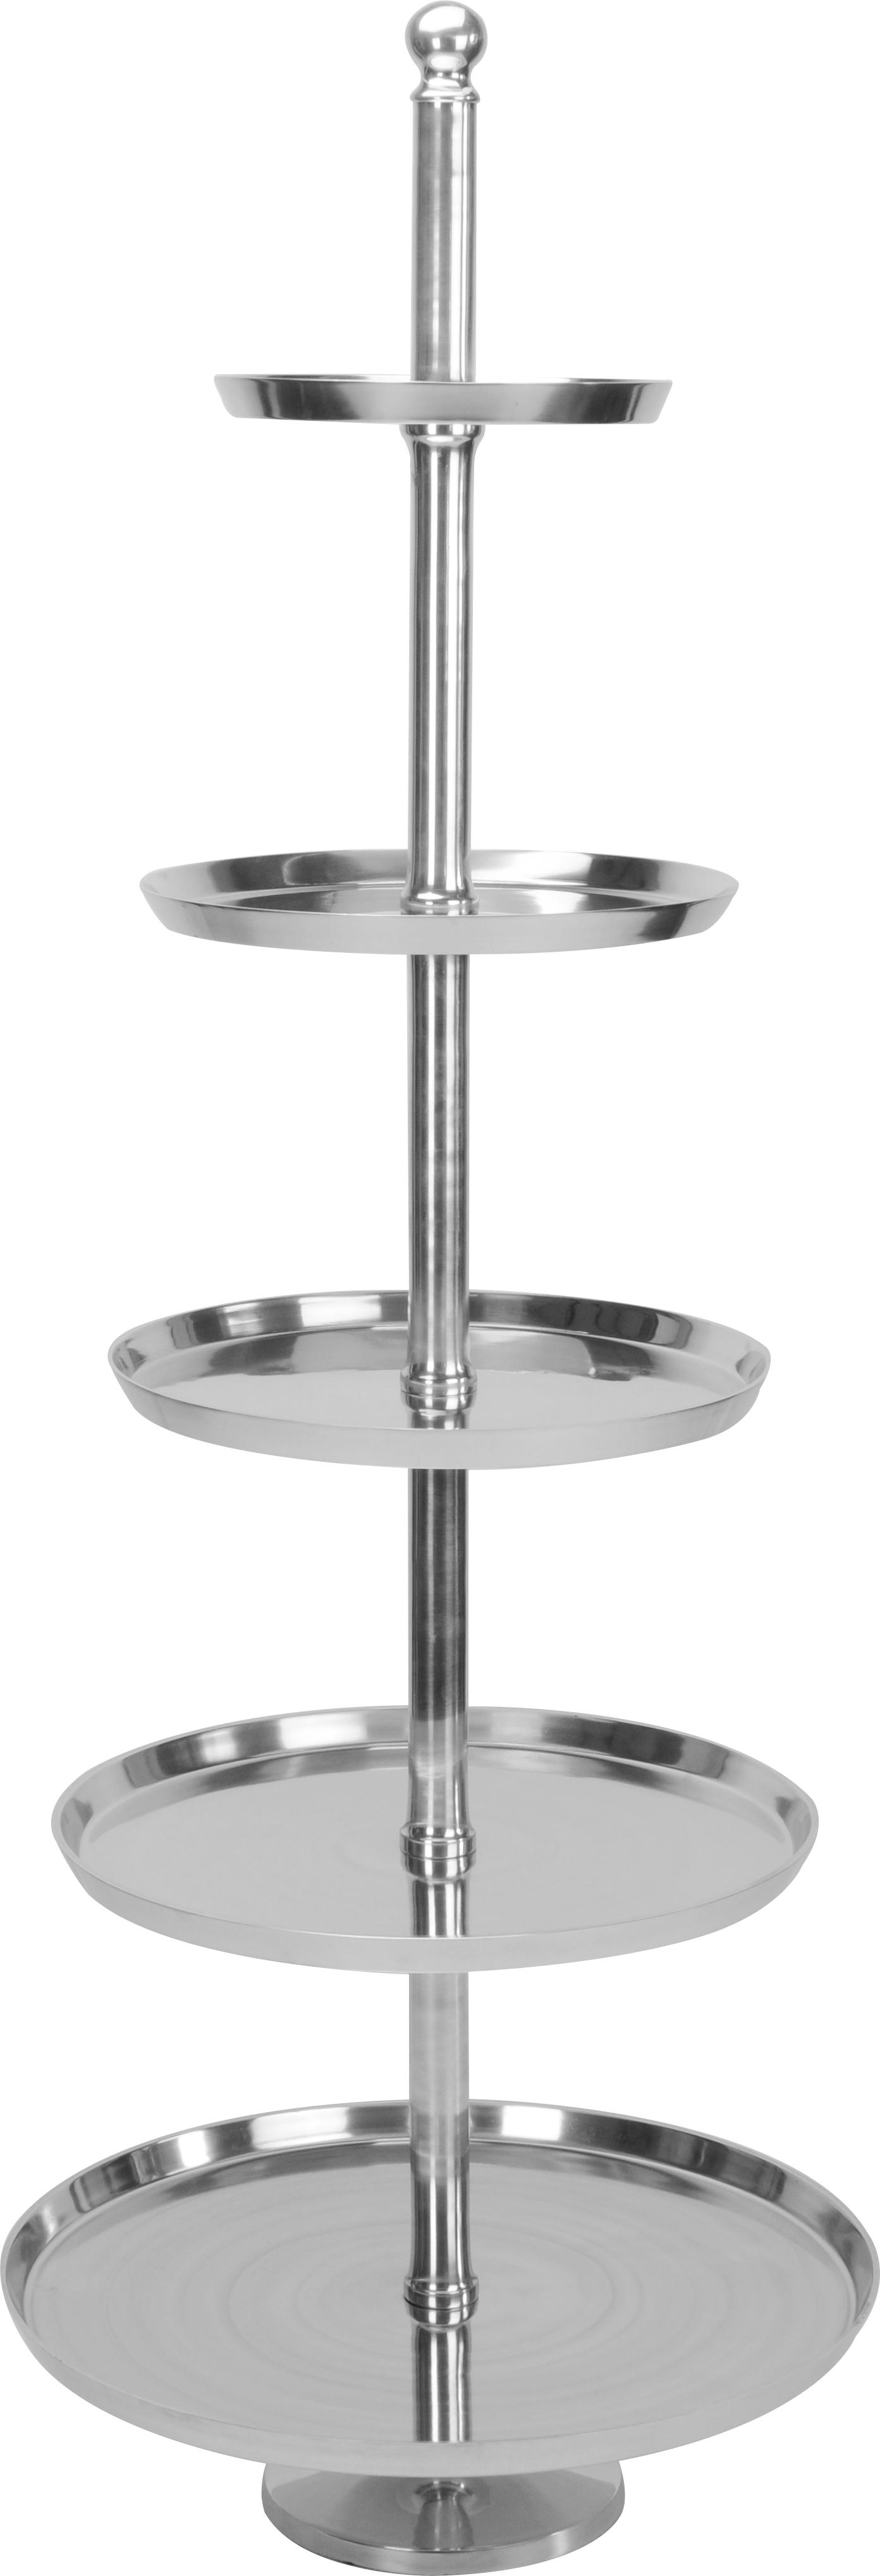 xxl etagere metalletagere tortenst nder kuchenst nder aluminium servierplatten ebay. Black Bedroom Furniture Sets. Home Design Ideas